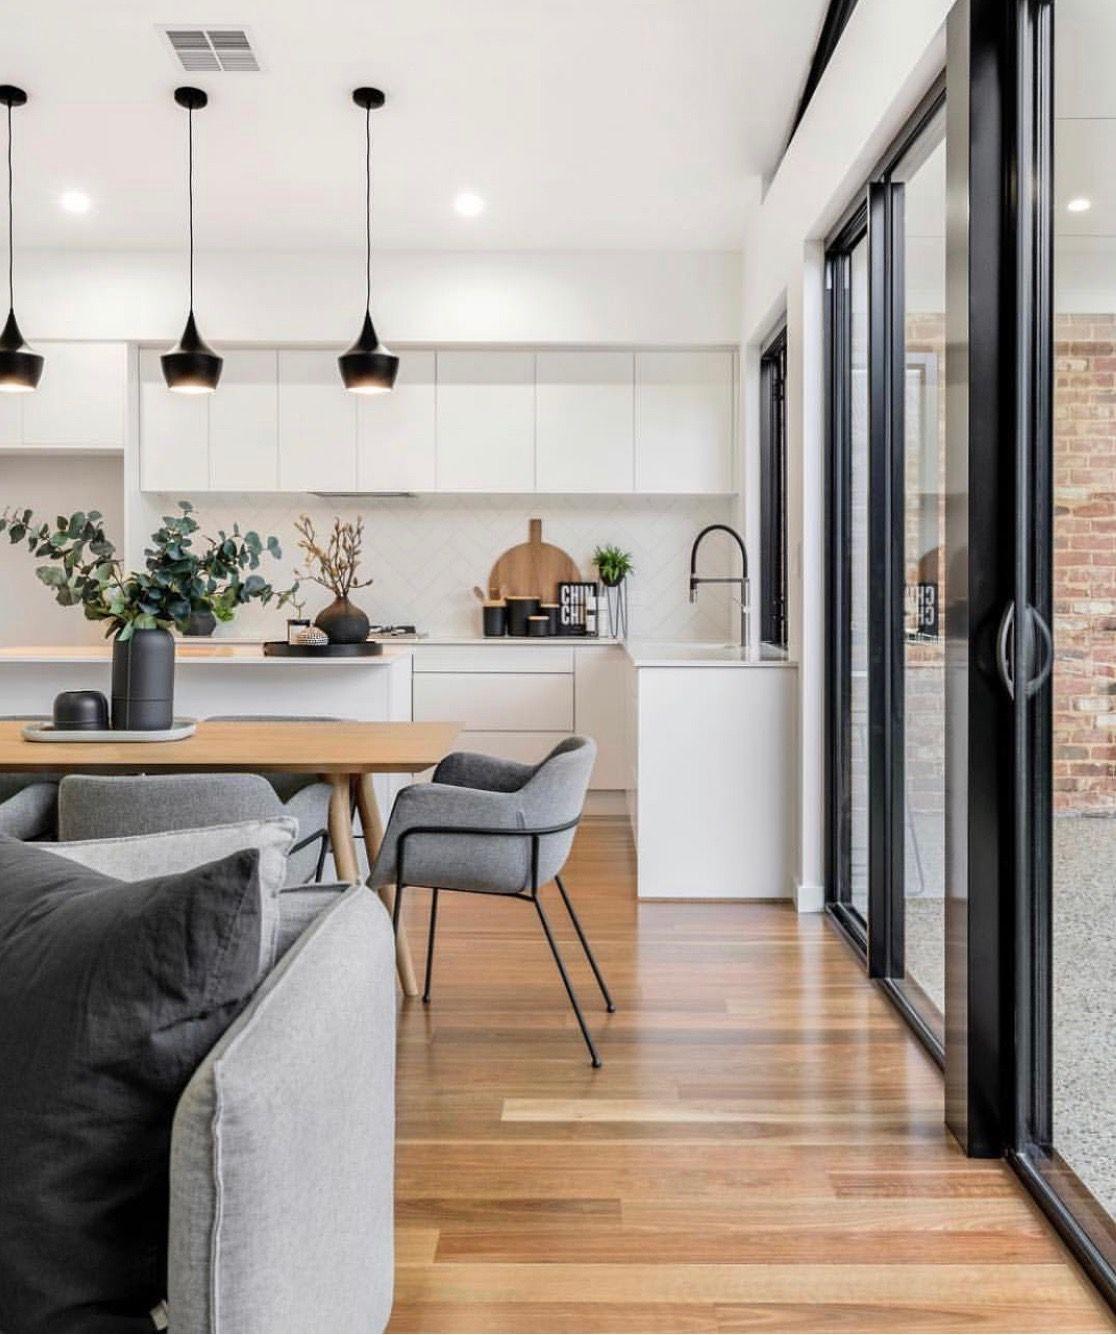 Color Scheme Lighting Windows In 2020 House Interior Modern Kitchen Design Interior